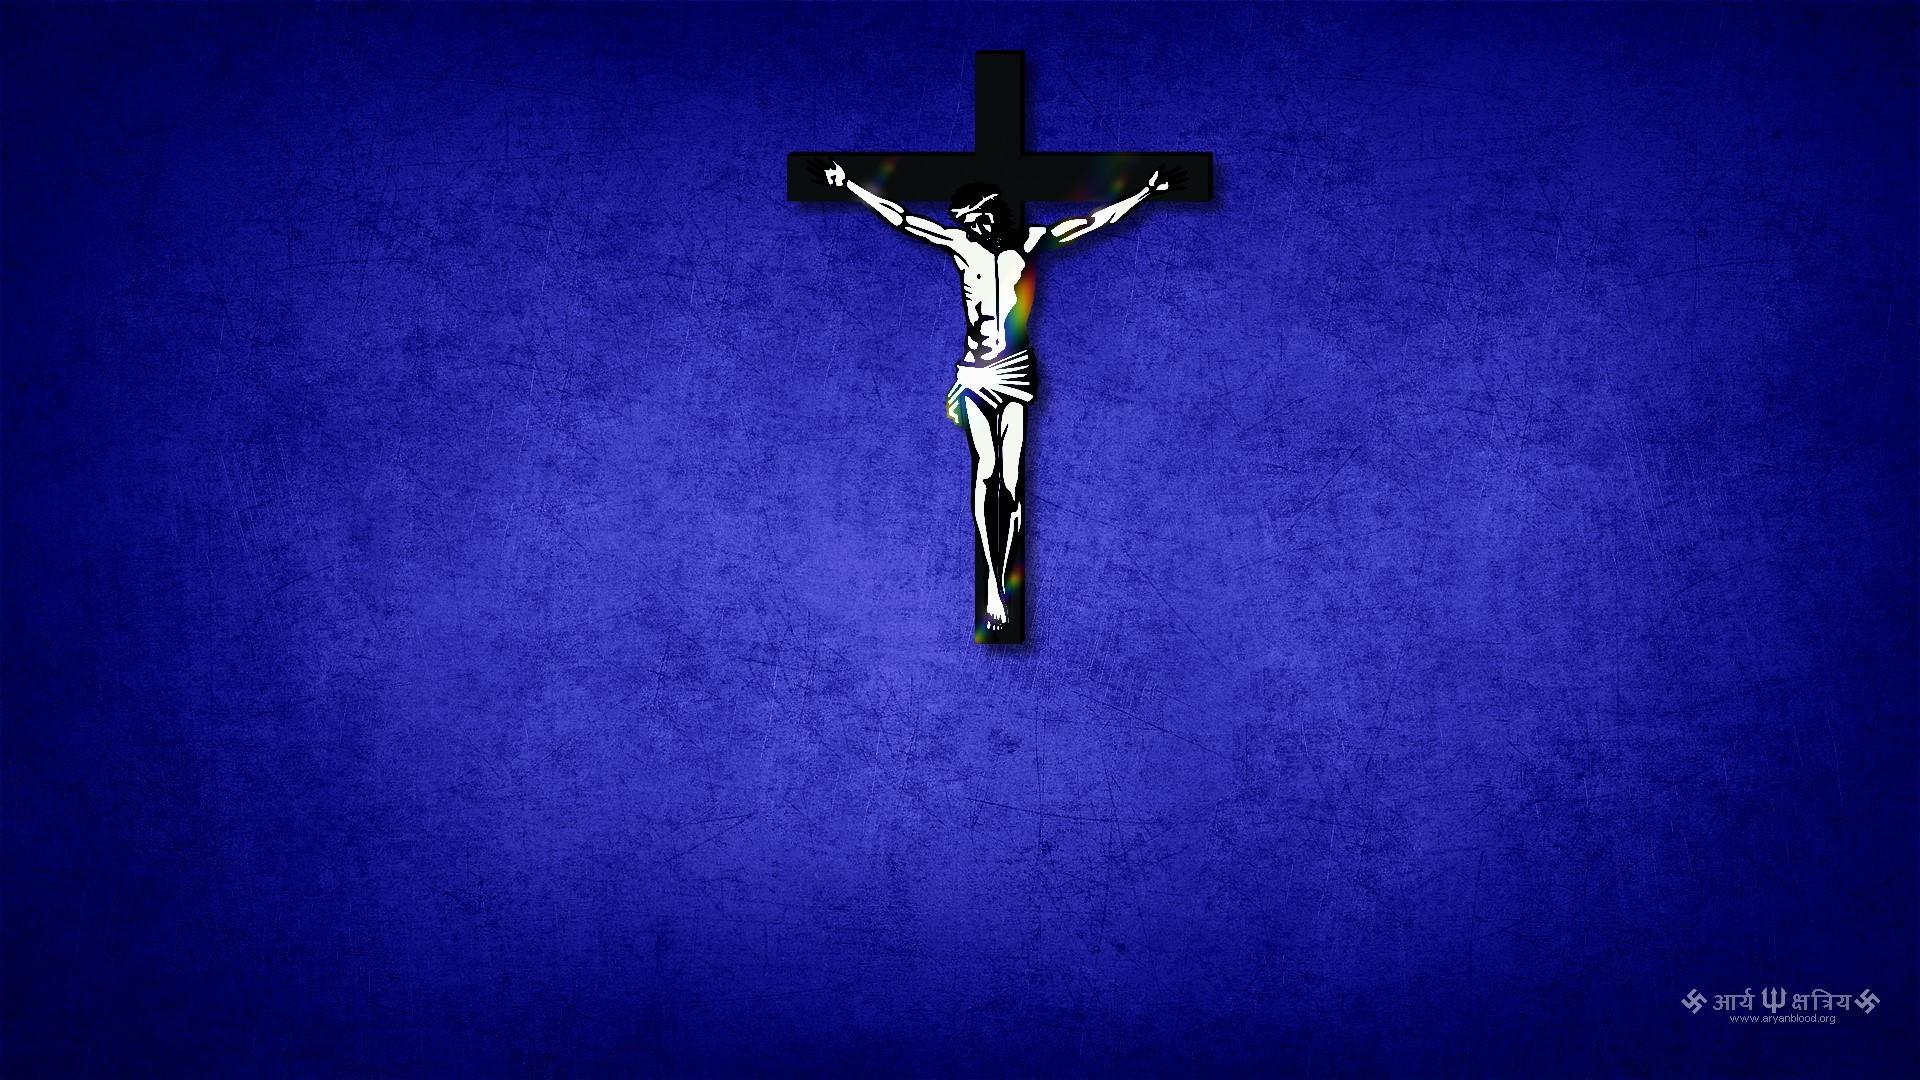 Иисус христос обои рабочего стола 1920х1080